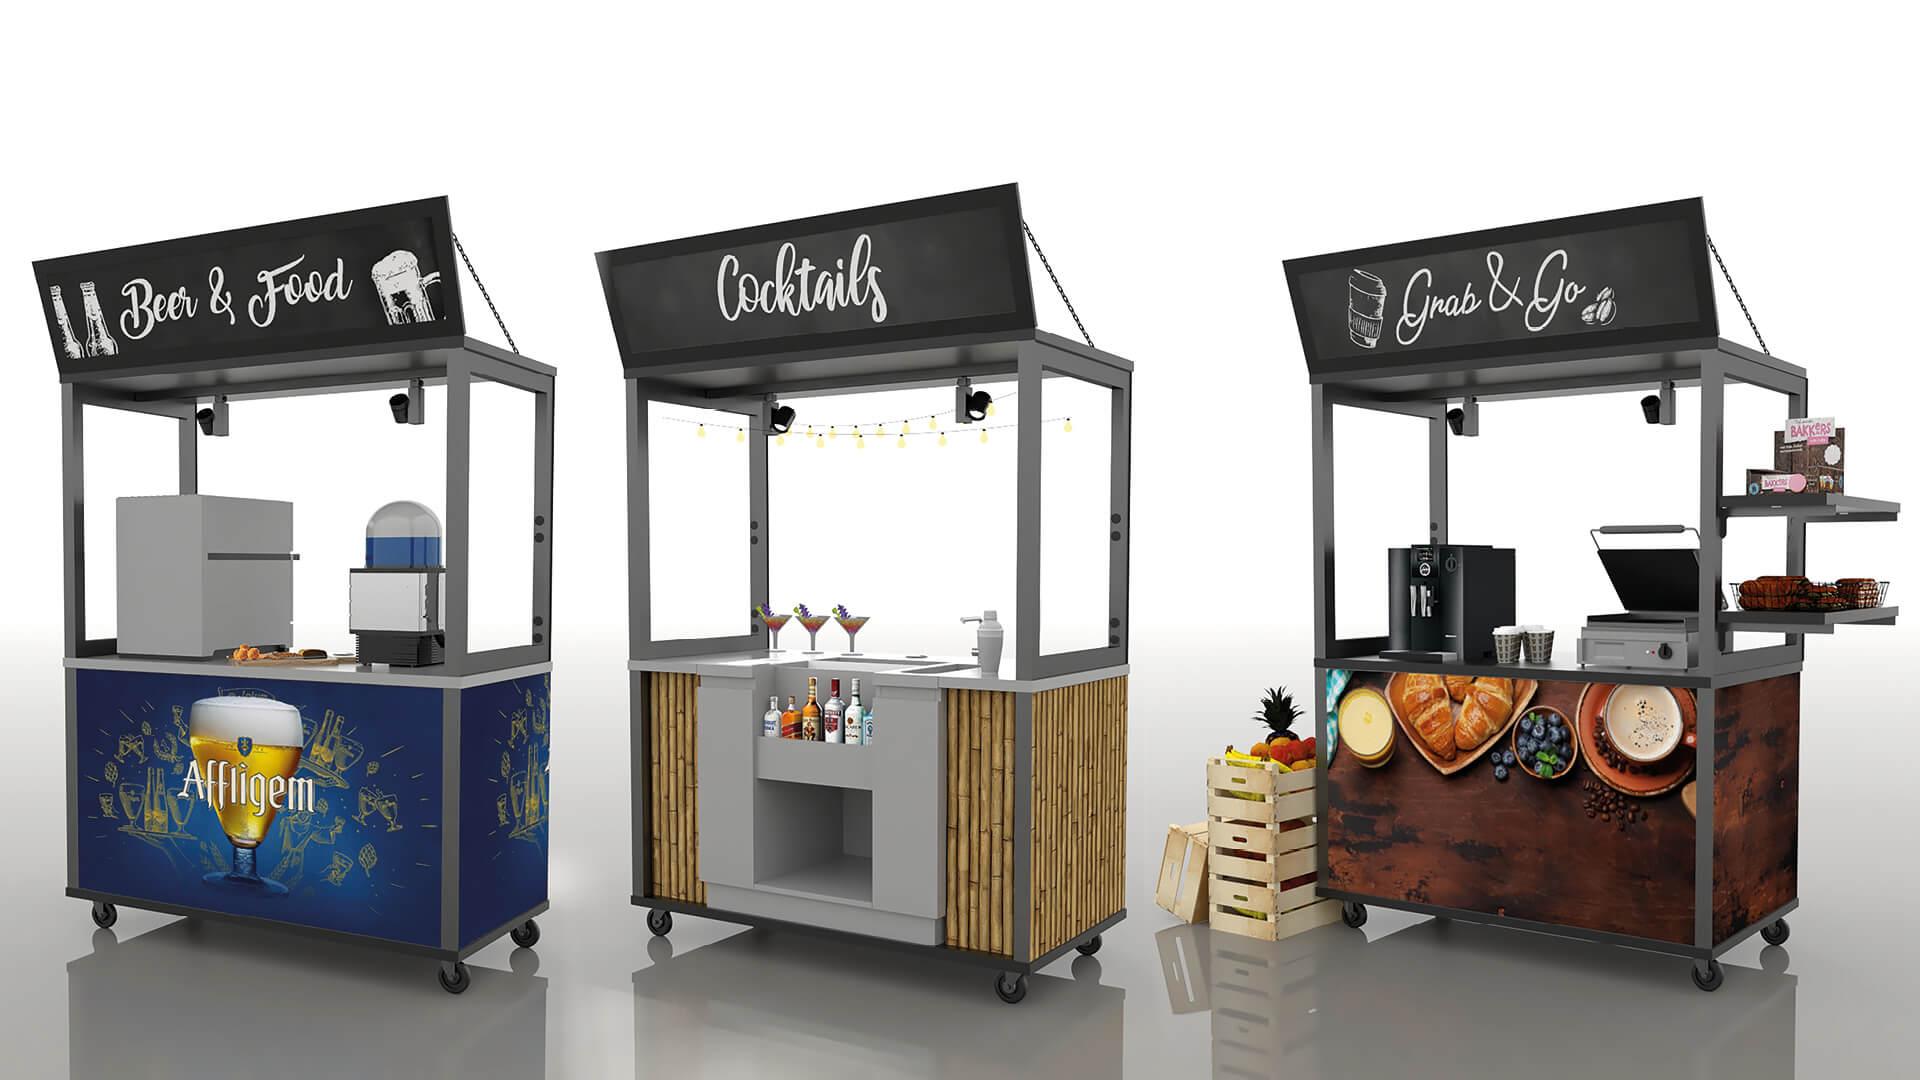 Kleinste keuken concept